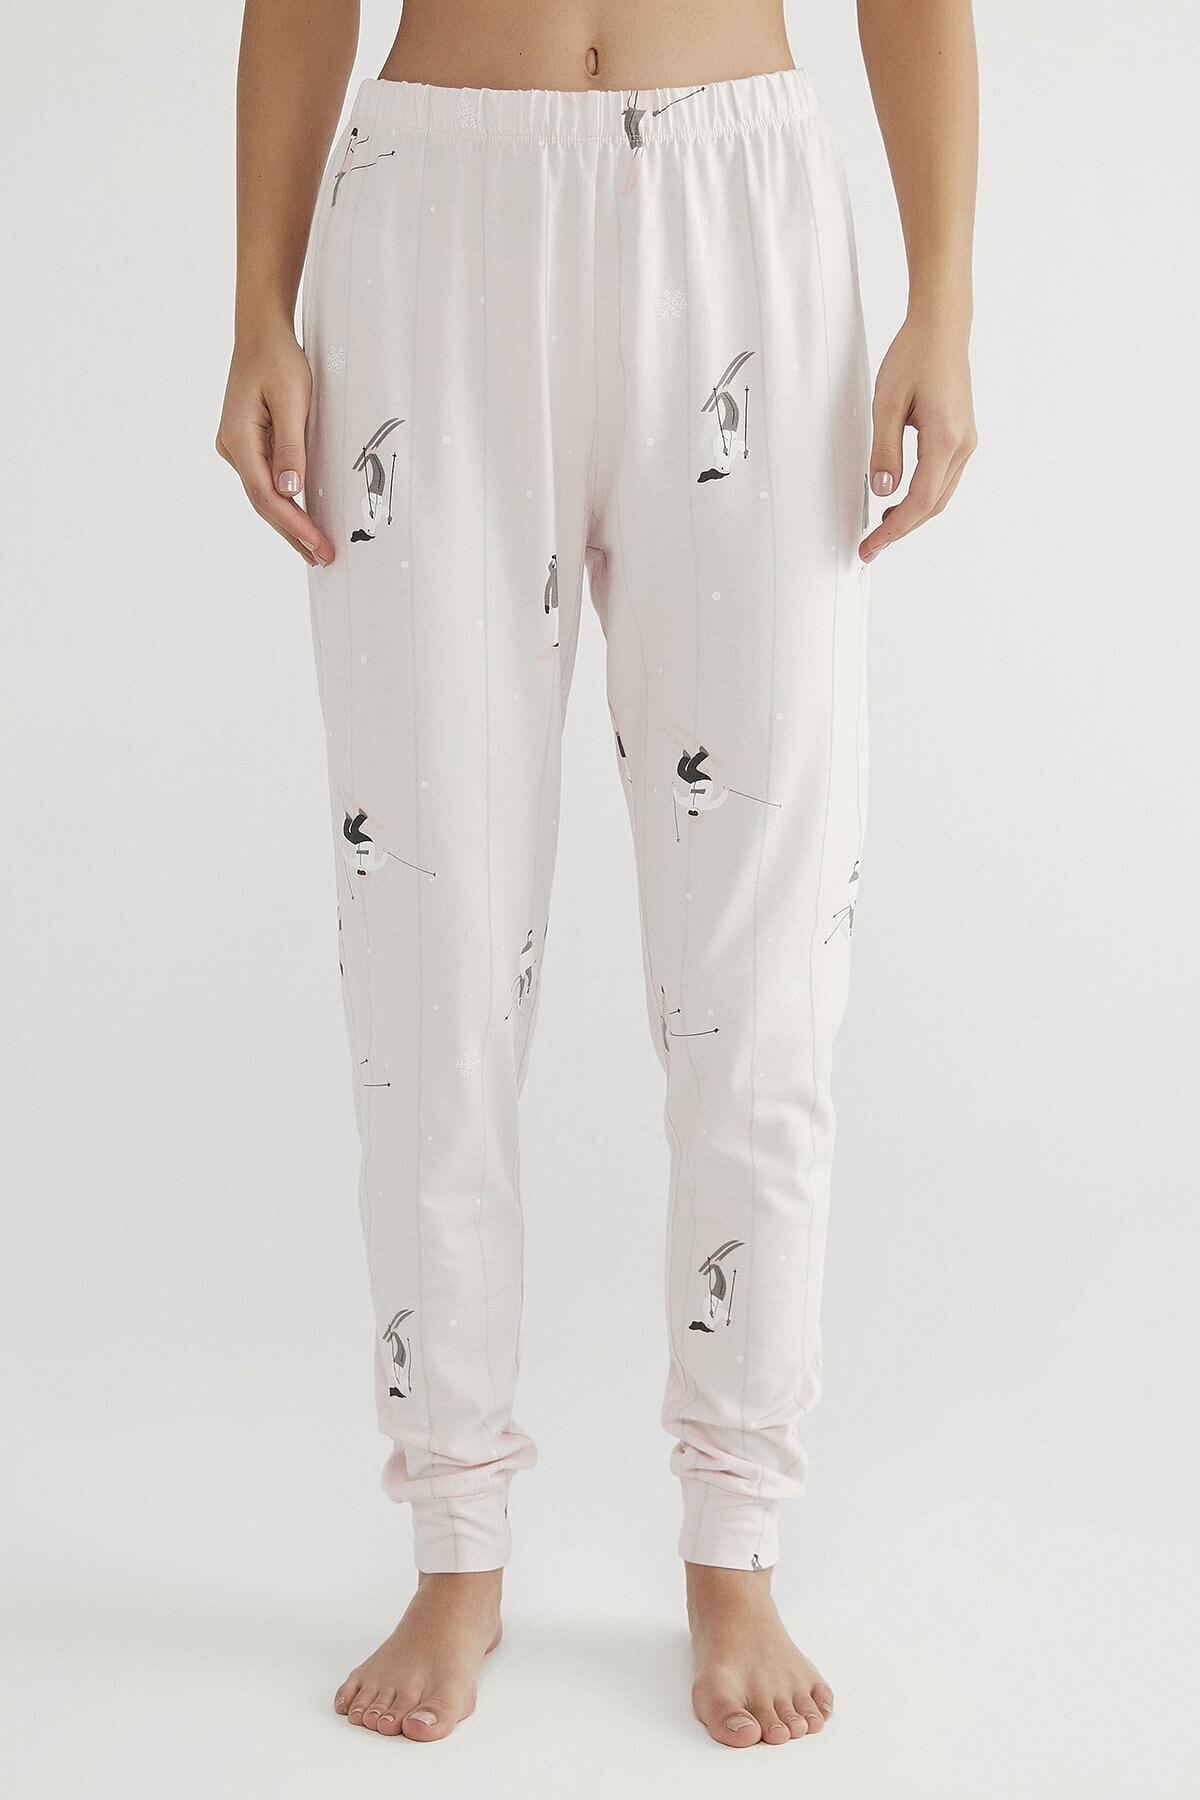 Penti Pembe Hot Tech Winter Joy Pantolon 0